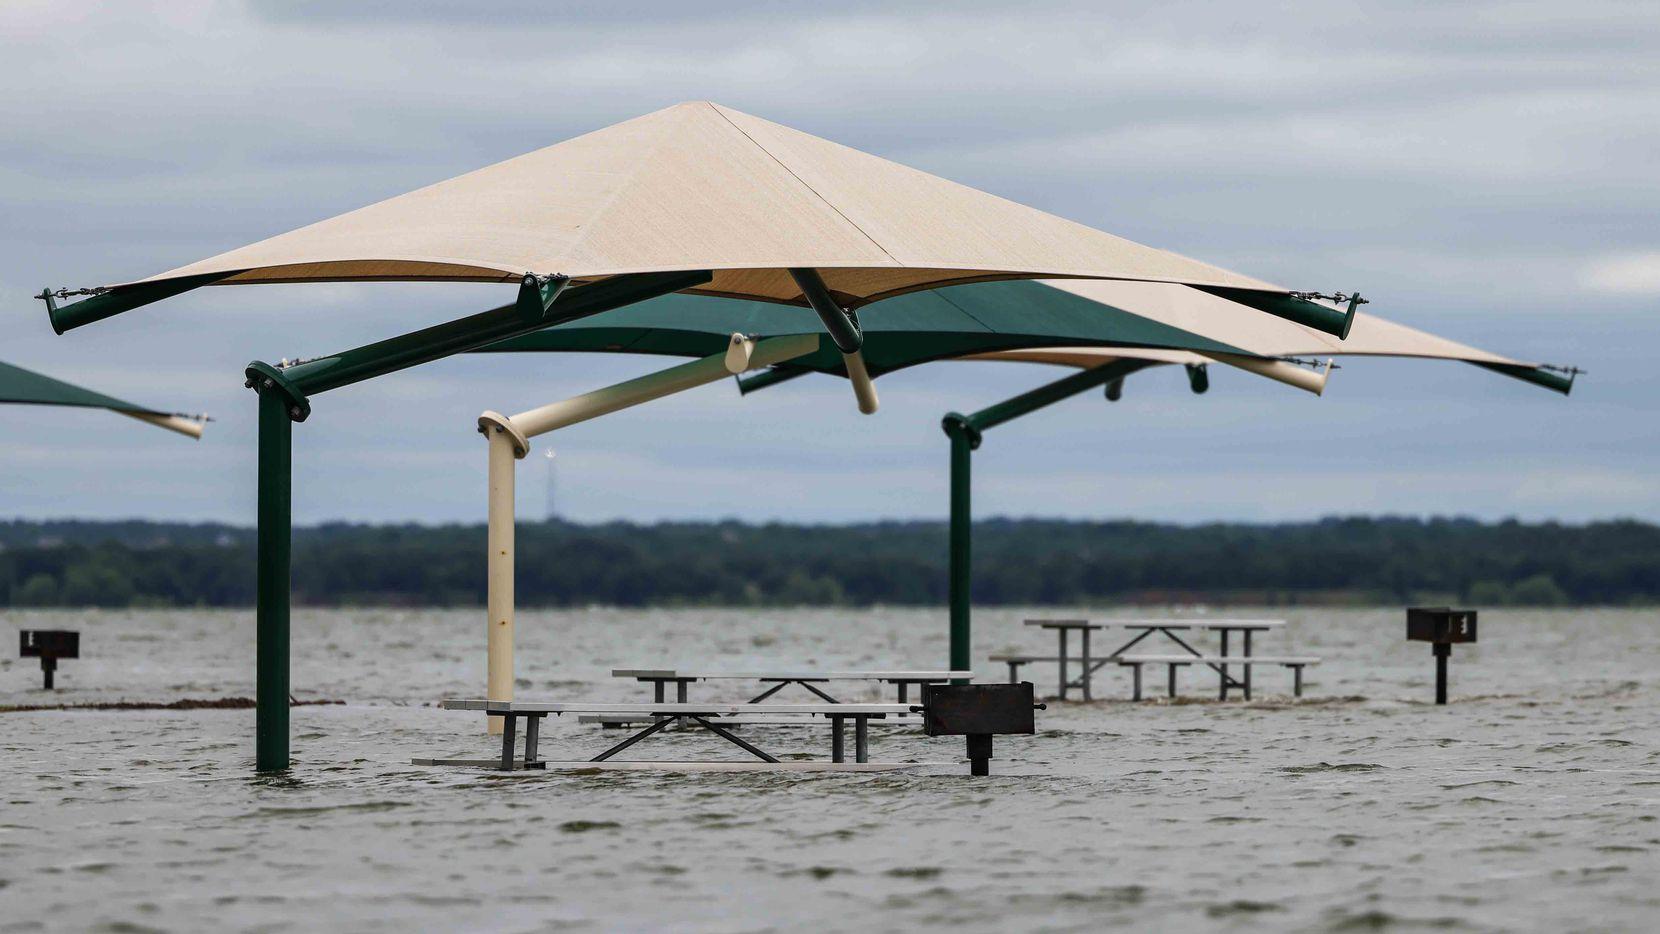 El lago Grapevine se desbordó y ahora cubre el área de picnic para las familias. Algunos lagos del área fueron cerrados debido a las inundaciones, un peligro que continuará durante el fin de semana.